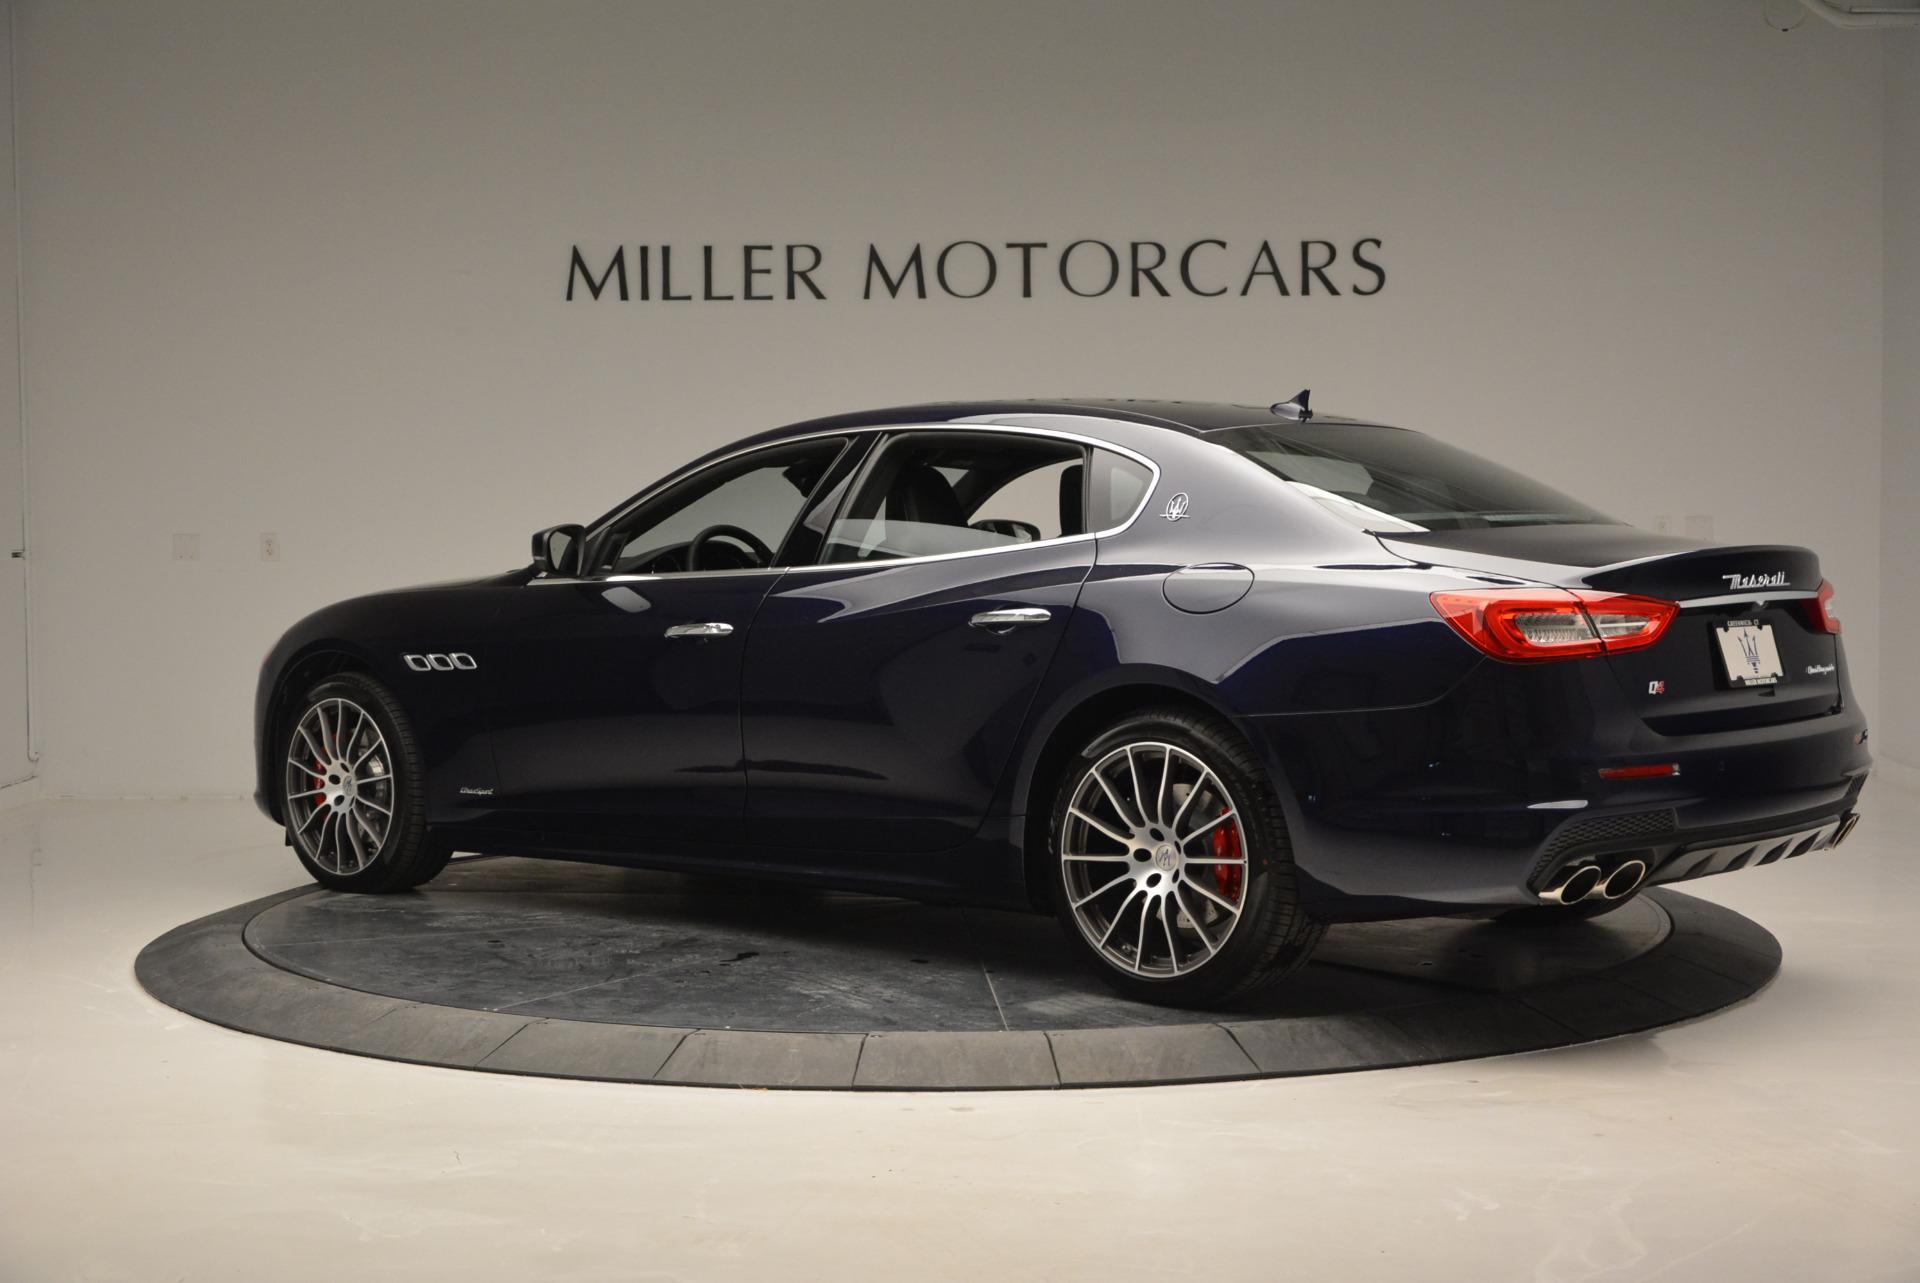 New 2017 Maserati Quattroporte S Q4 GranSport For Sale In Greenwich, CT 877_p4